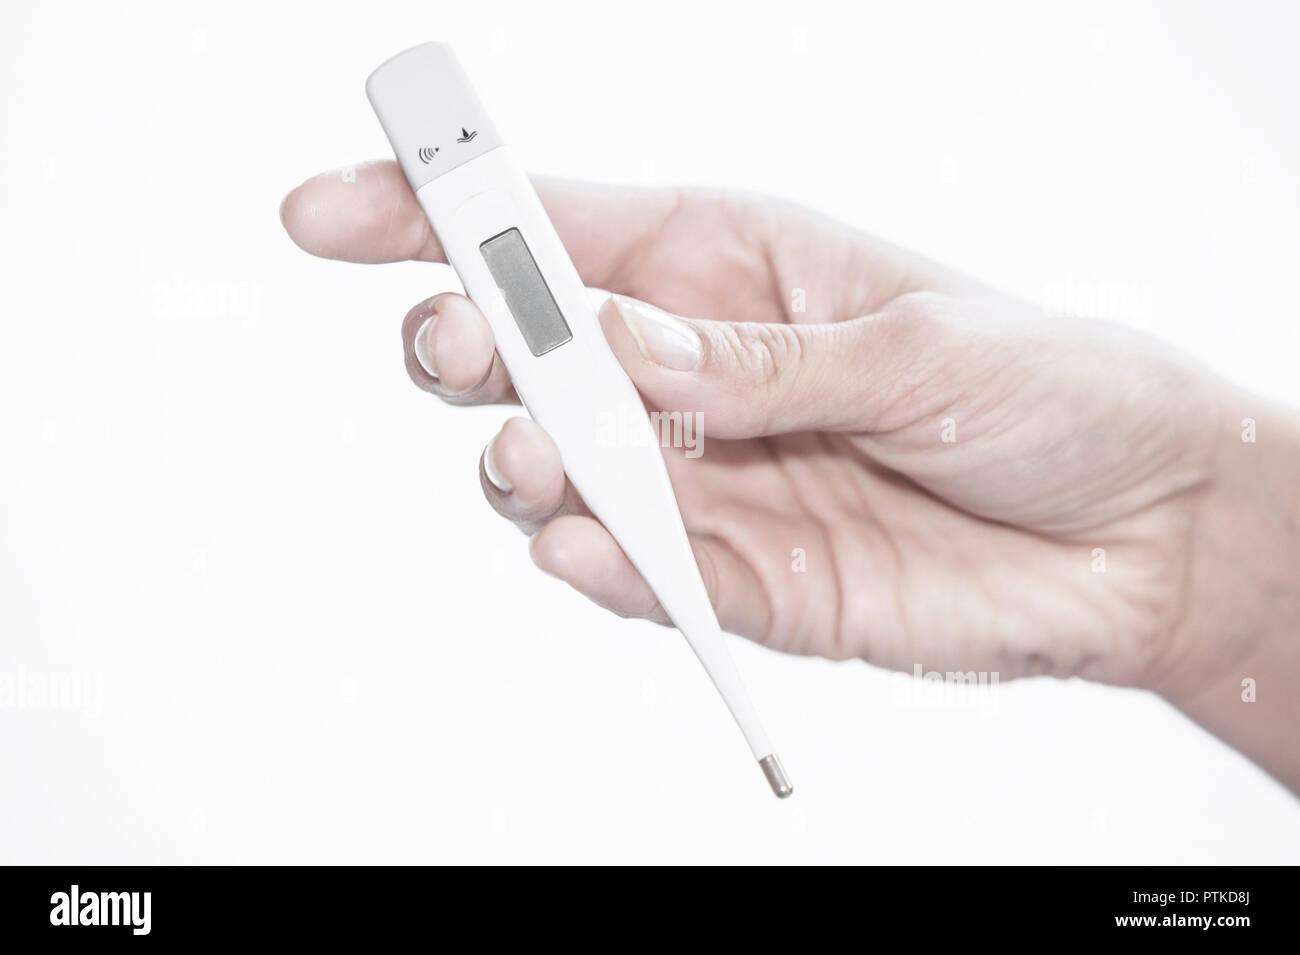 Frau Fieber Hand Fieberthermometer Krankheit Thermometer Temperatur Erkaeltung Grippe Fiebrig Close up (Modellfreigabe) Stock Photo